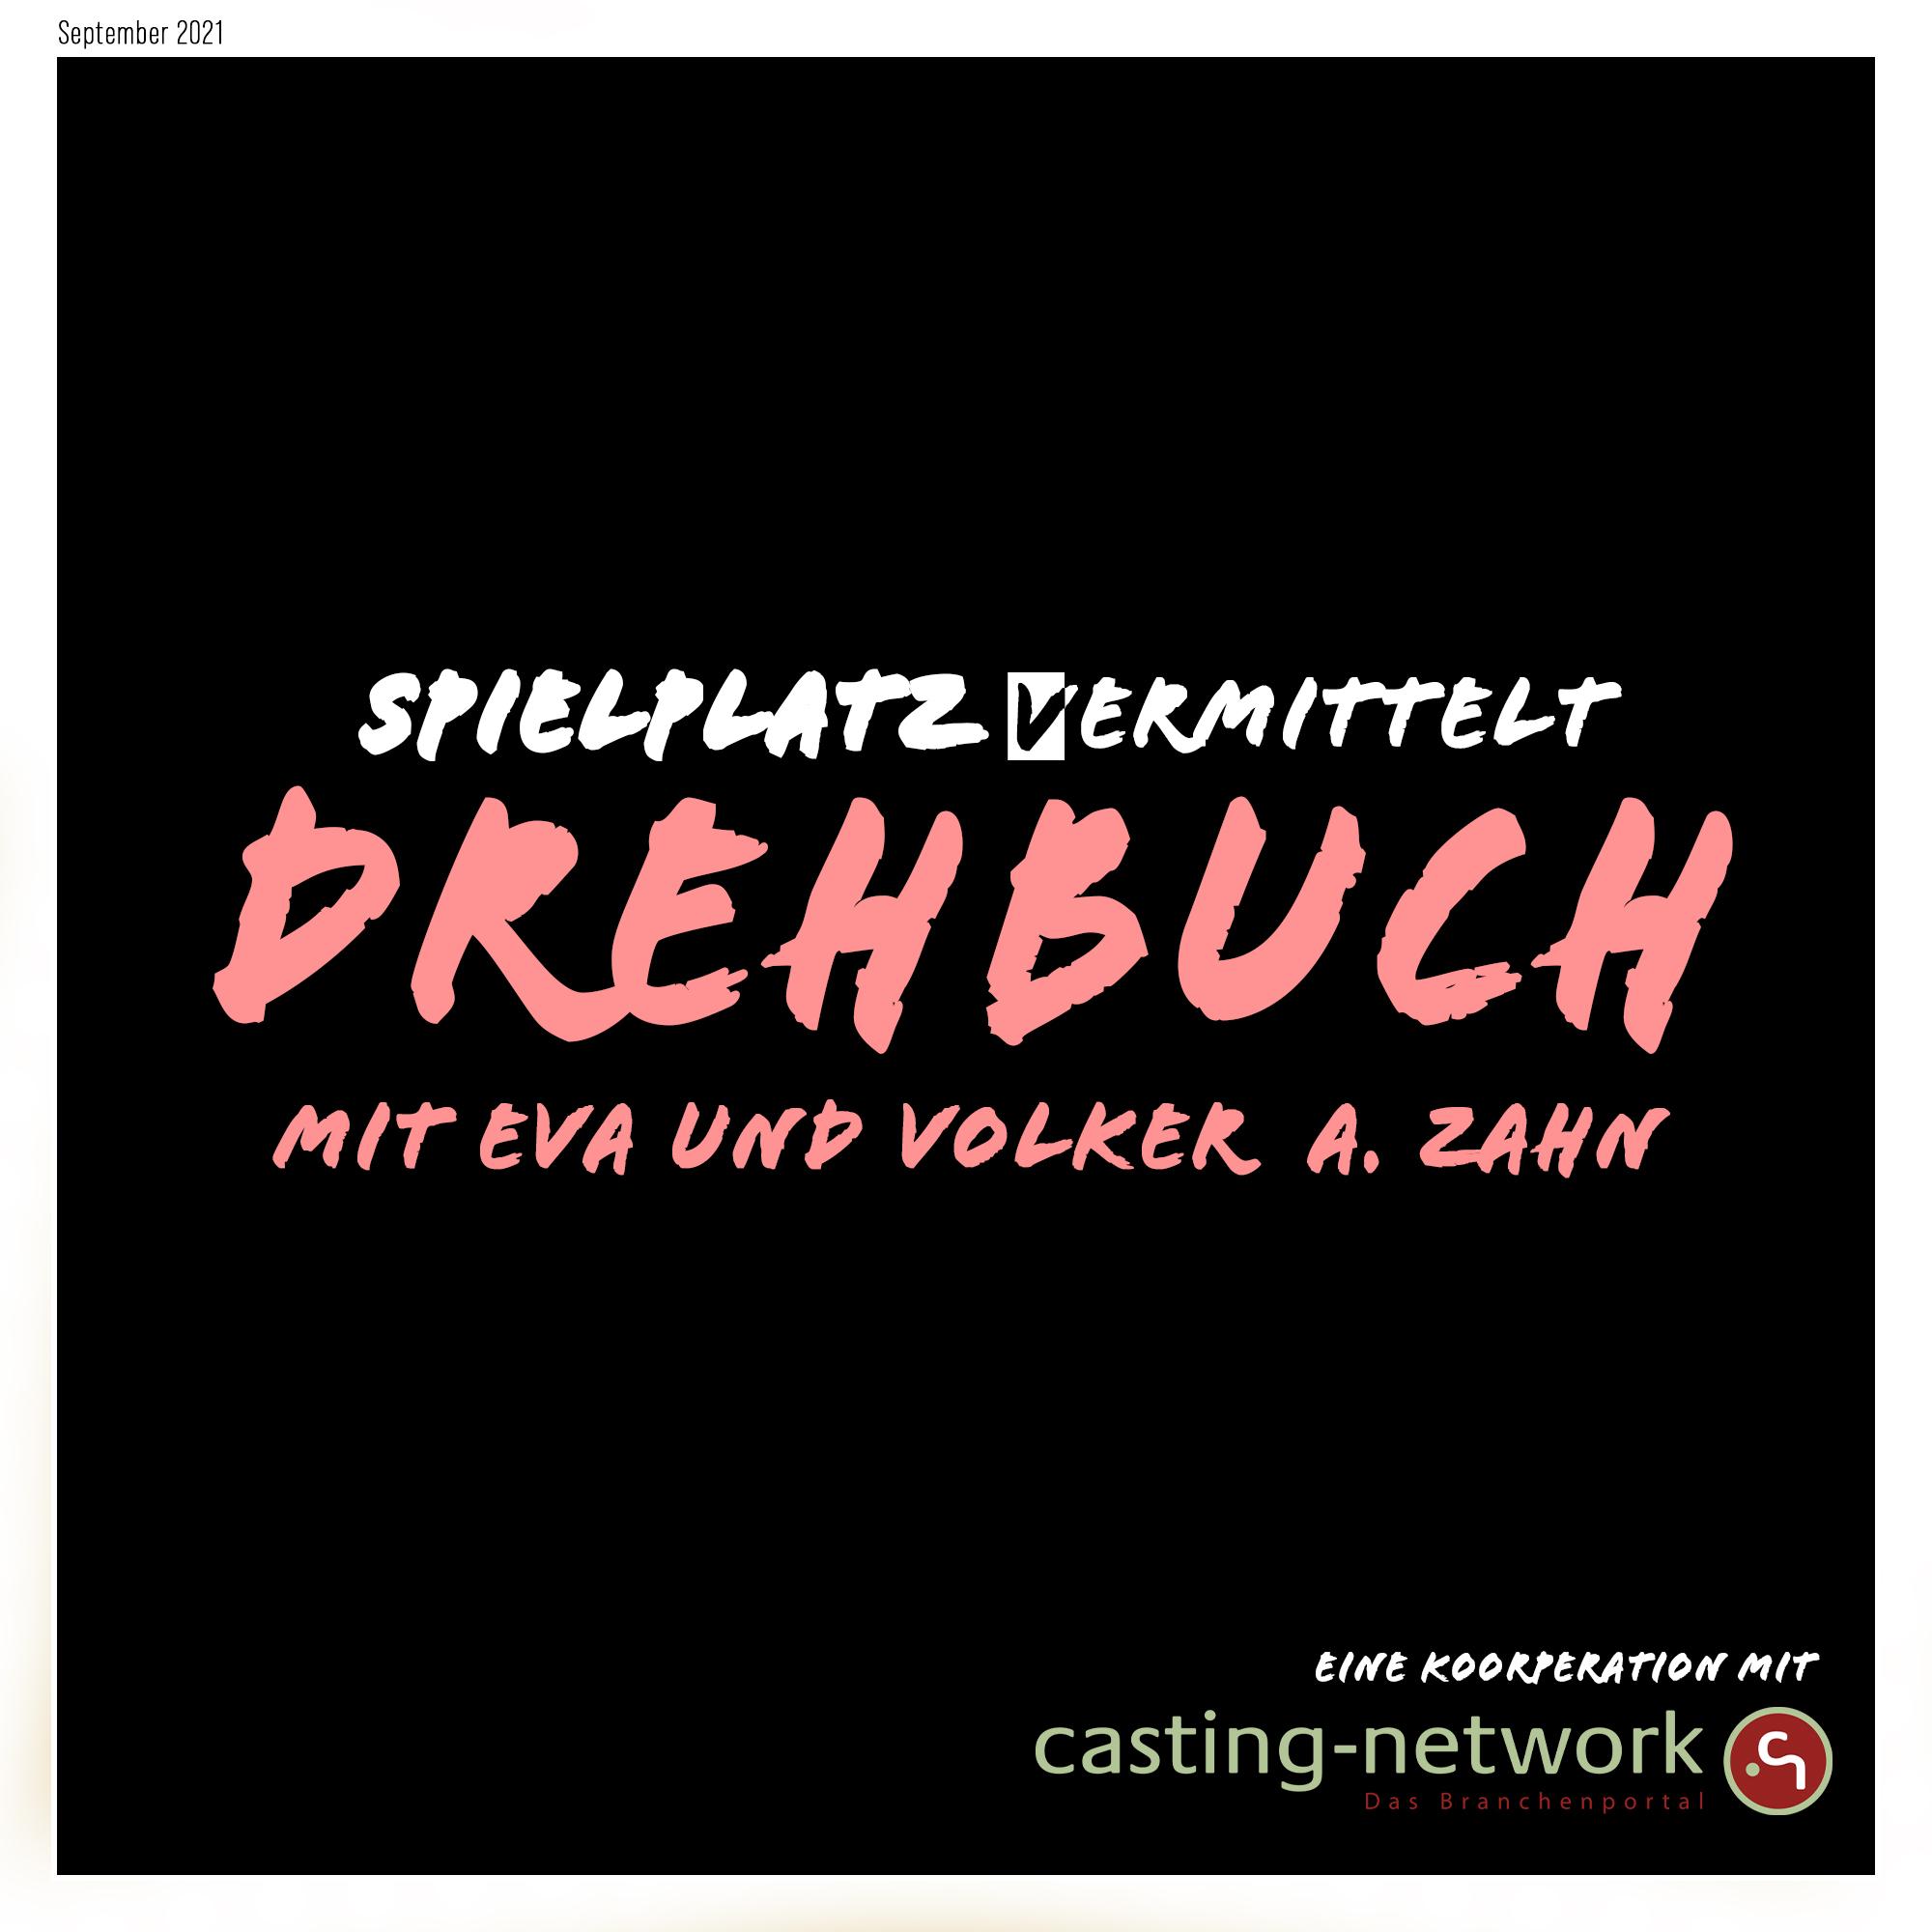 Spielplatz (v)ermittelt #7: Drehbuch mit Volker und Eva Zahn